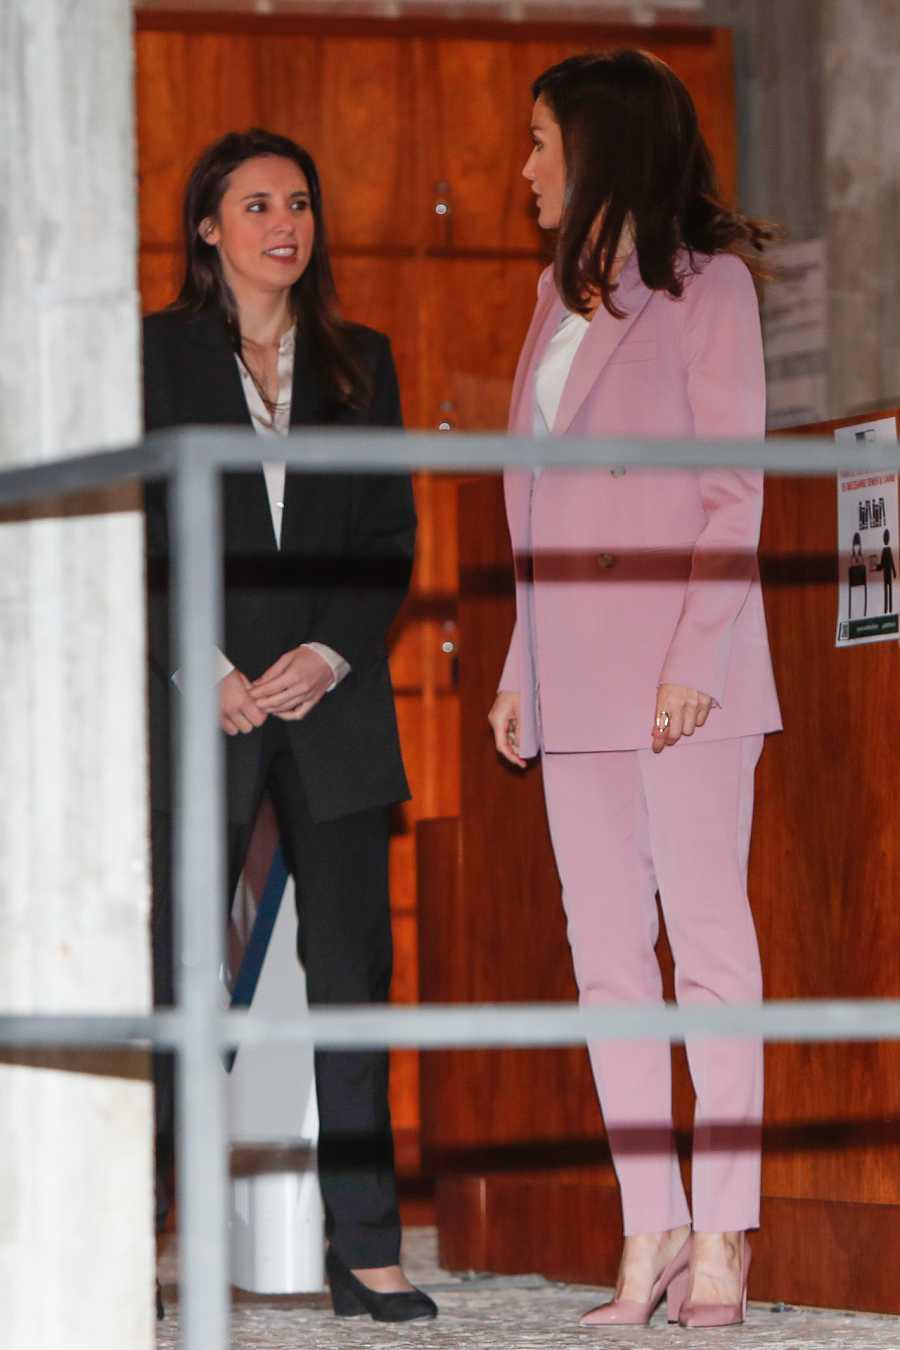 Irene Montero, Ministra de Igualdad y la Reina Letizia en una acto de APRAMP. Juntas por primera vez coinciden en la elección de traje de chaqueta como atuendo